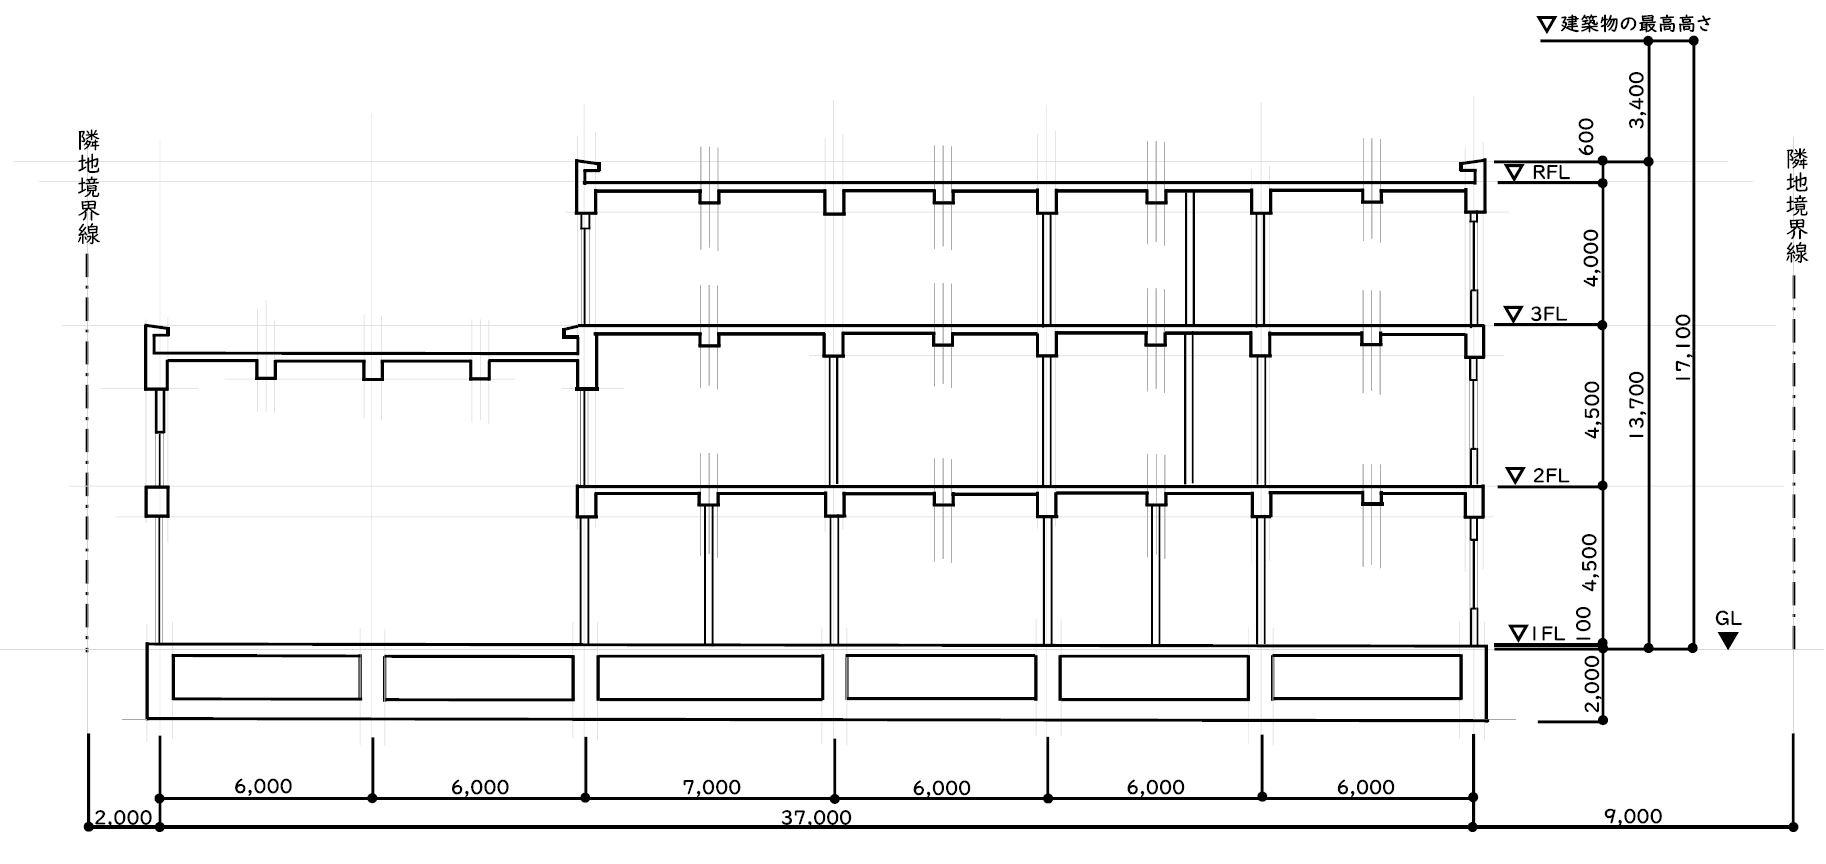 断面図 書き方 手順 建築士